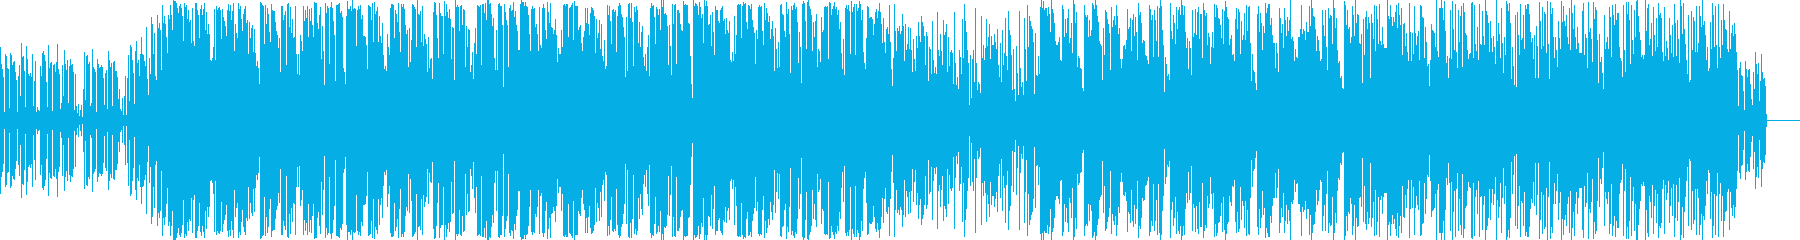 ロックエレクトロニック アクション...の再生済みの波形